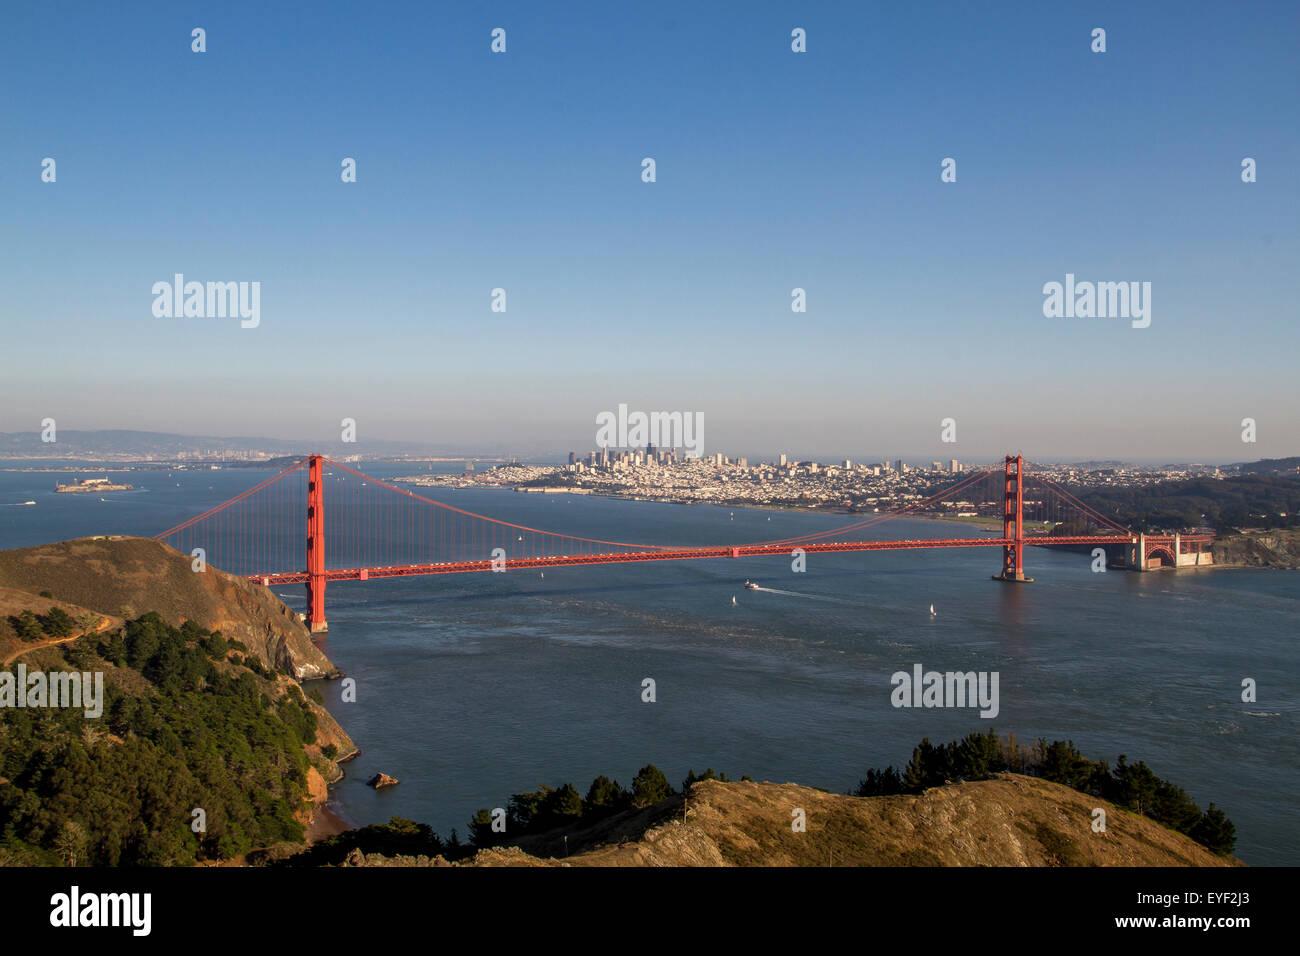 El puente colgante Golden Gate de Marin Headlands, San Francisco, California, Estados Unidos Foto de stock